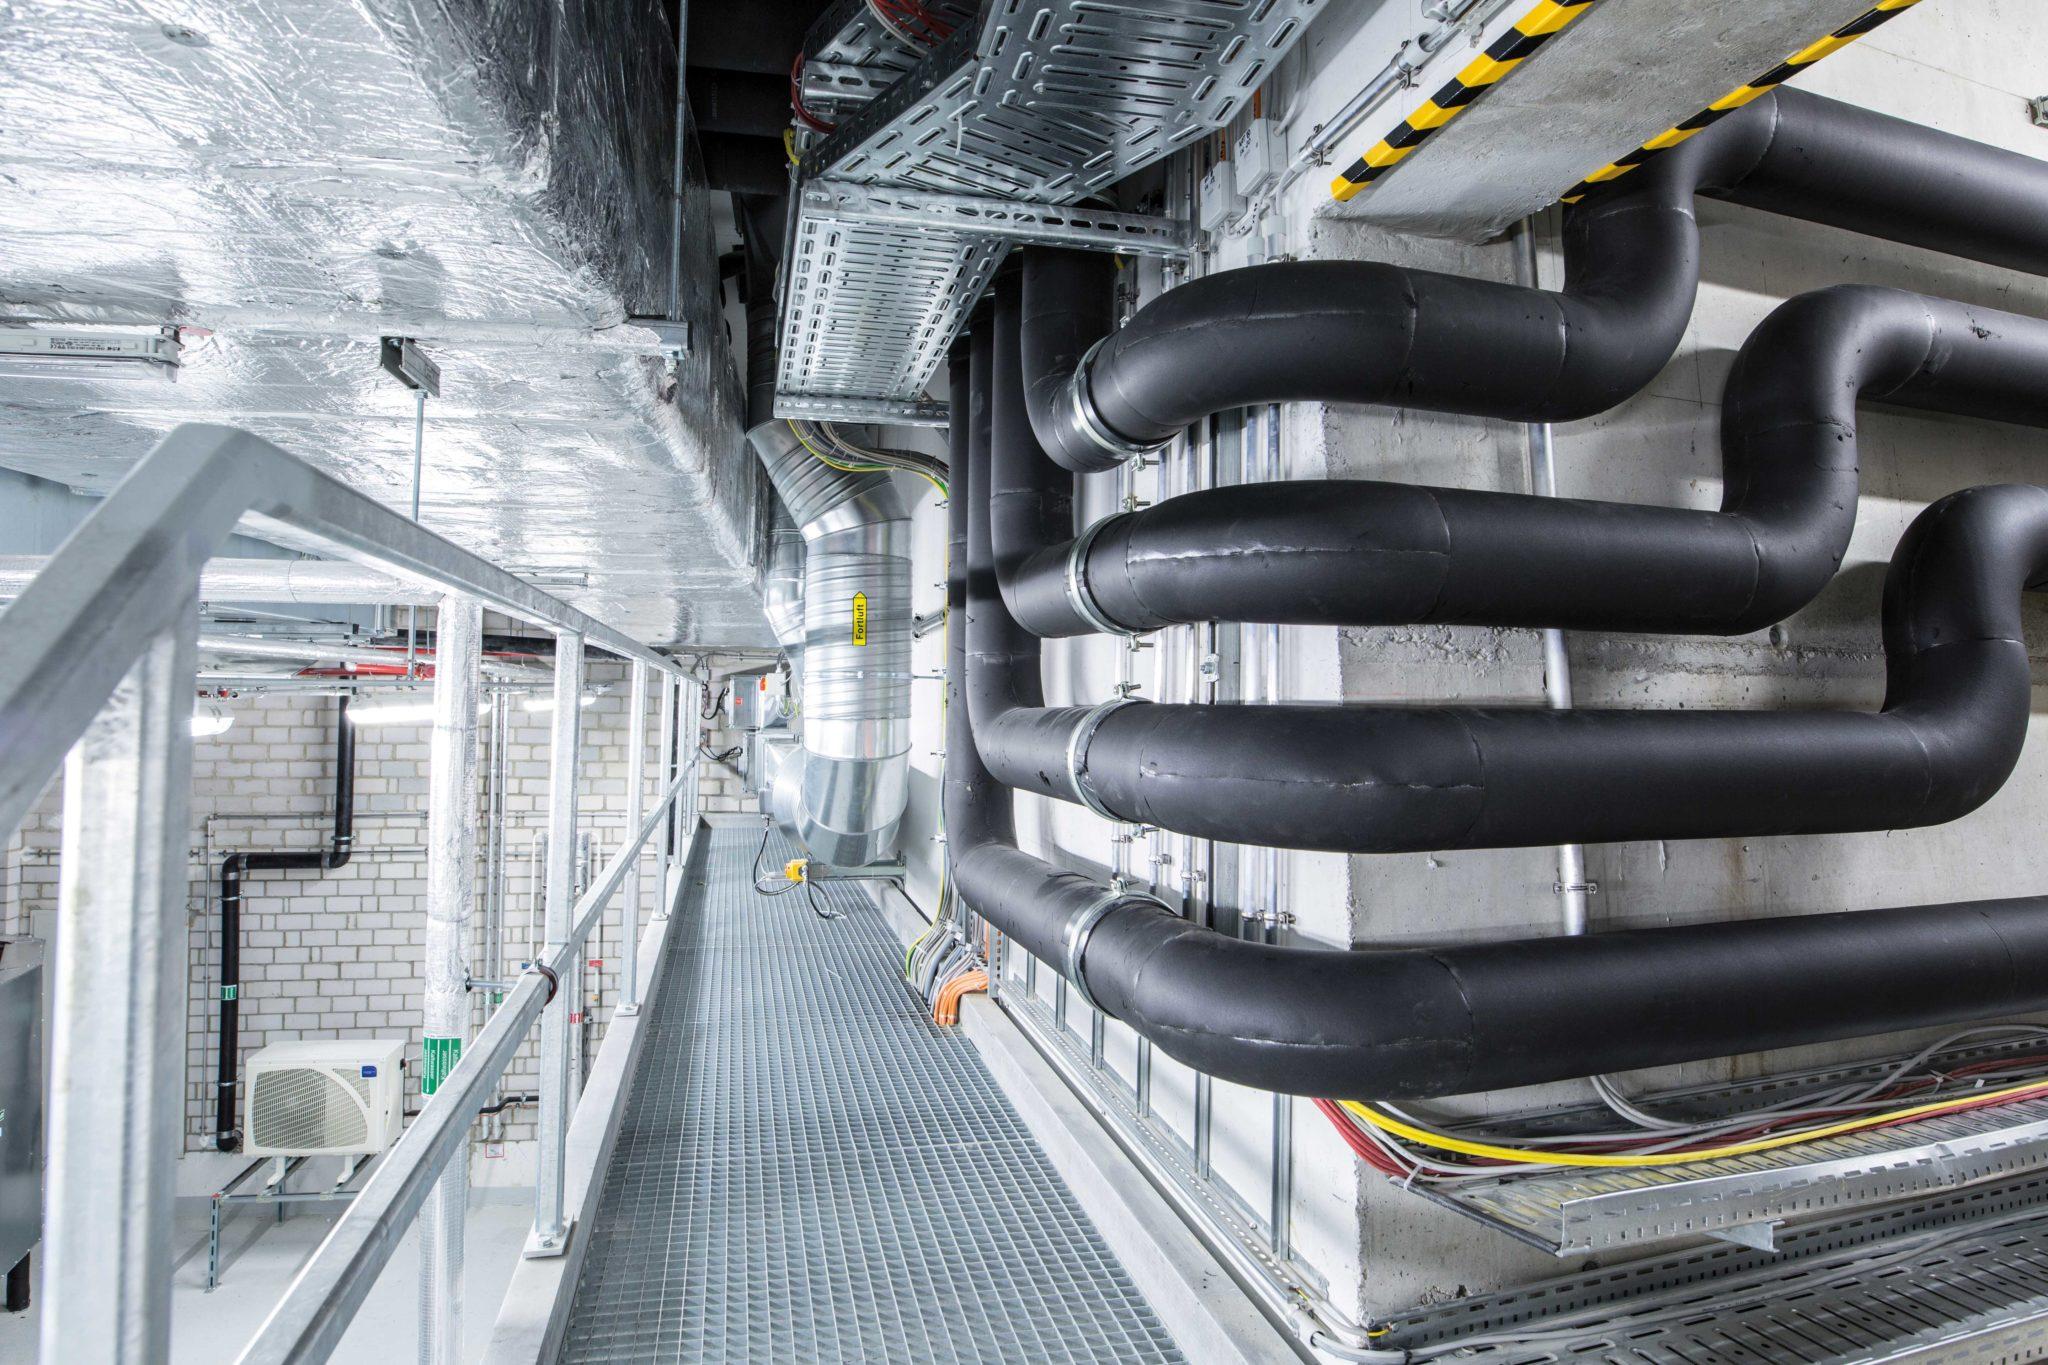 Technik ZF Friedrichshafen, Medienversorgung